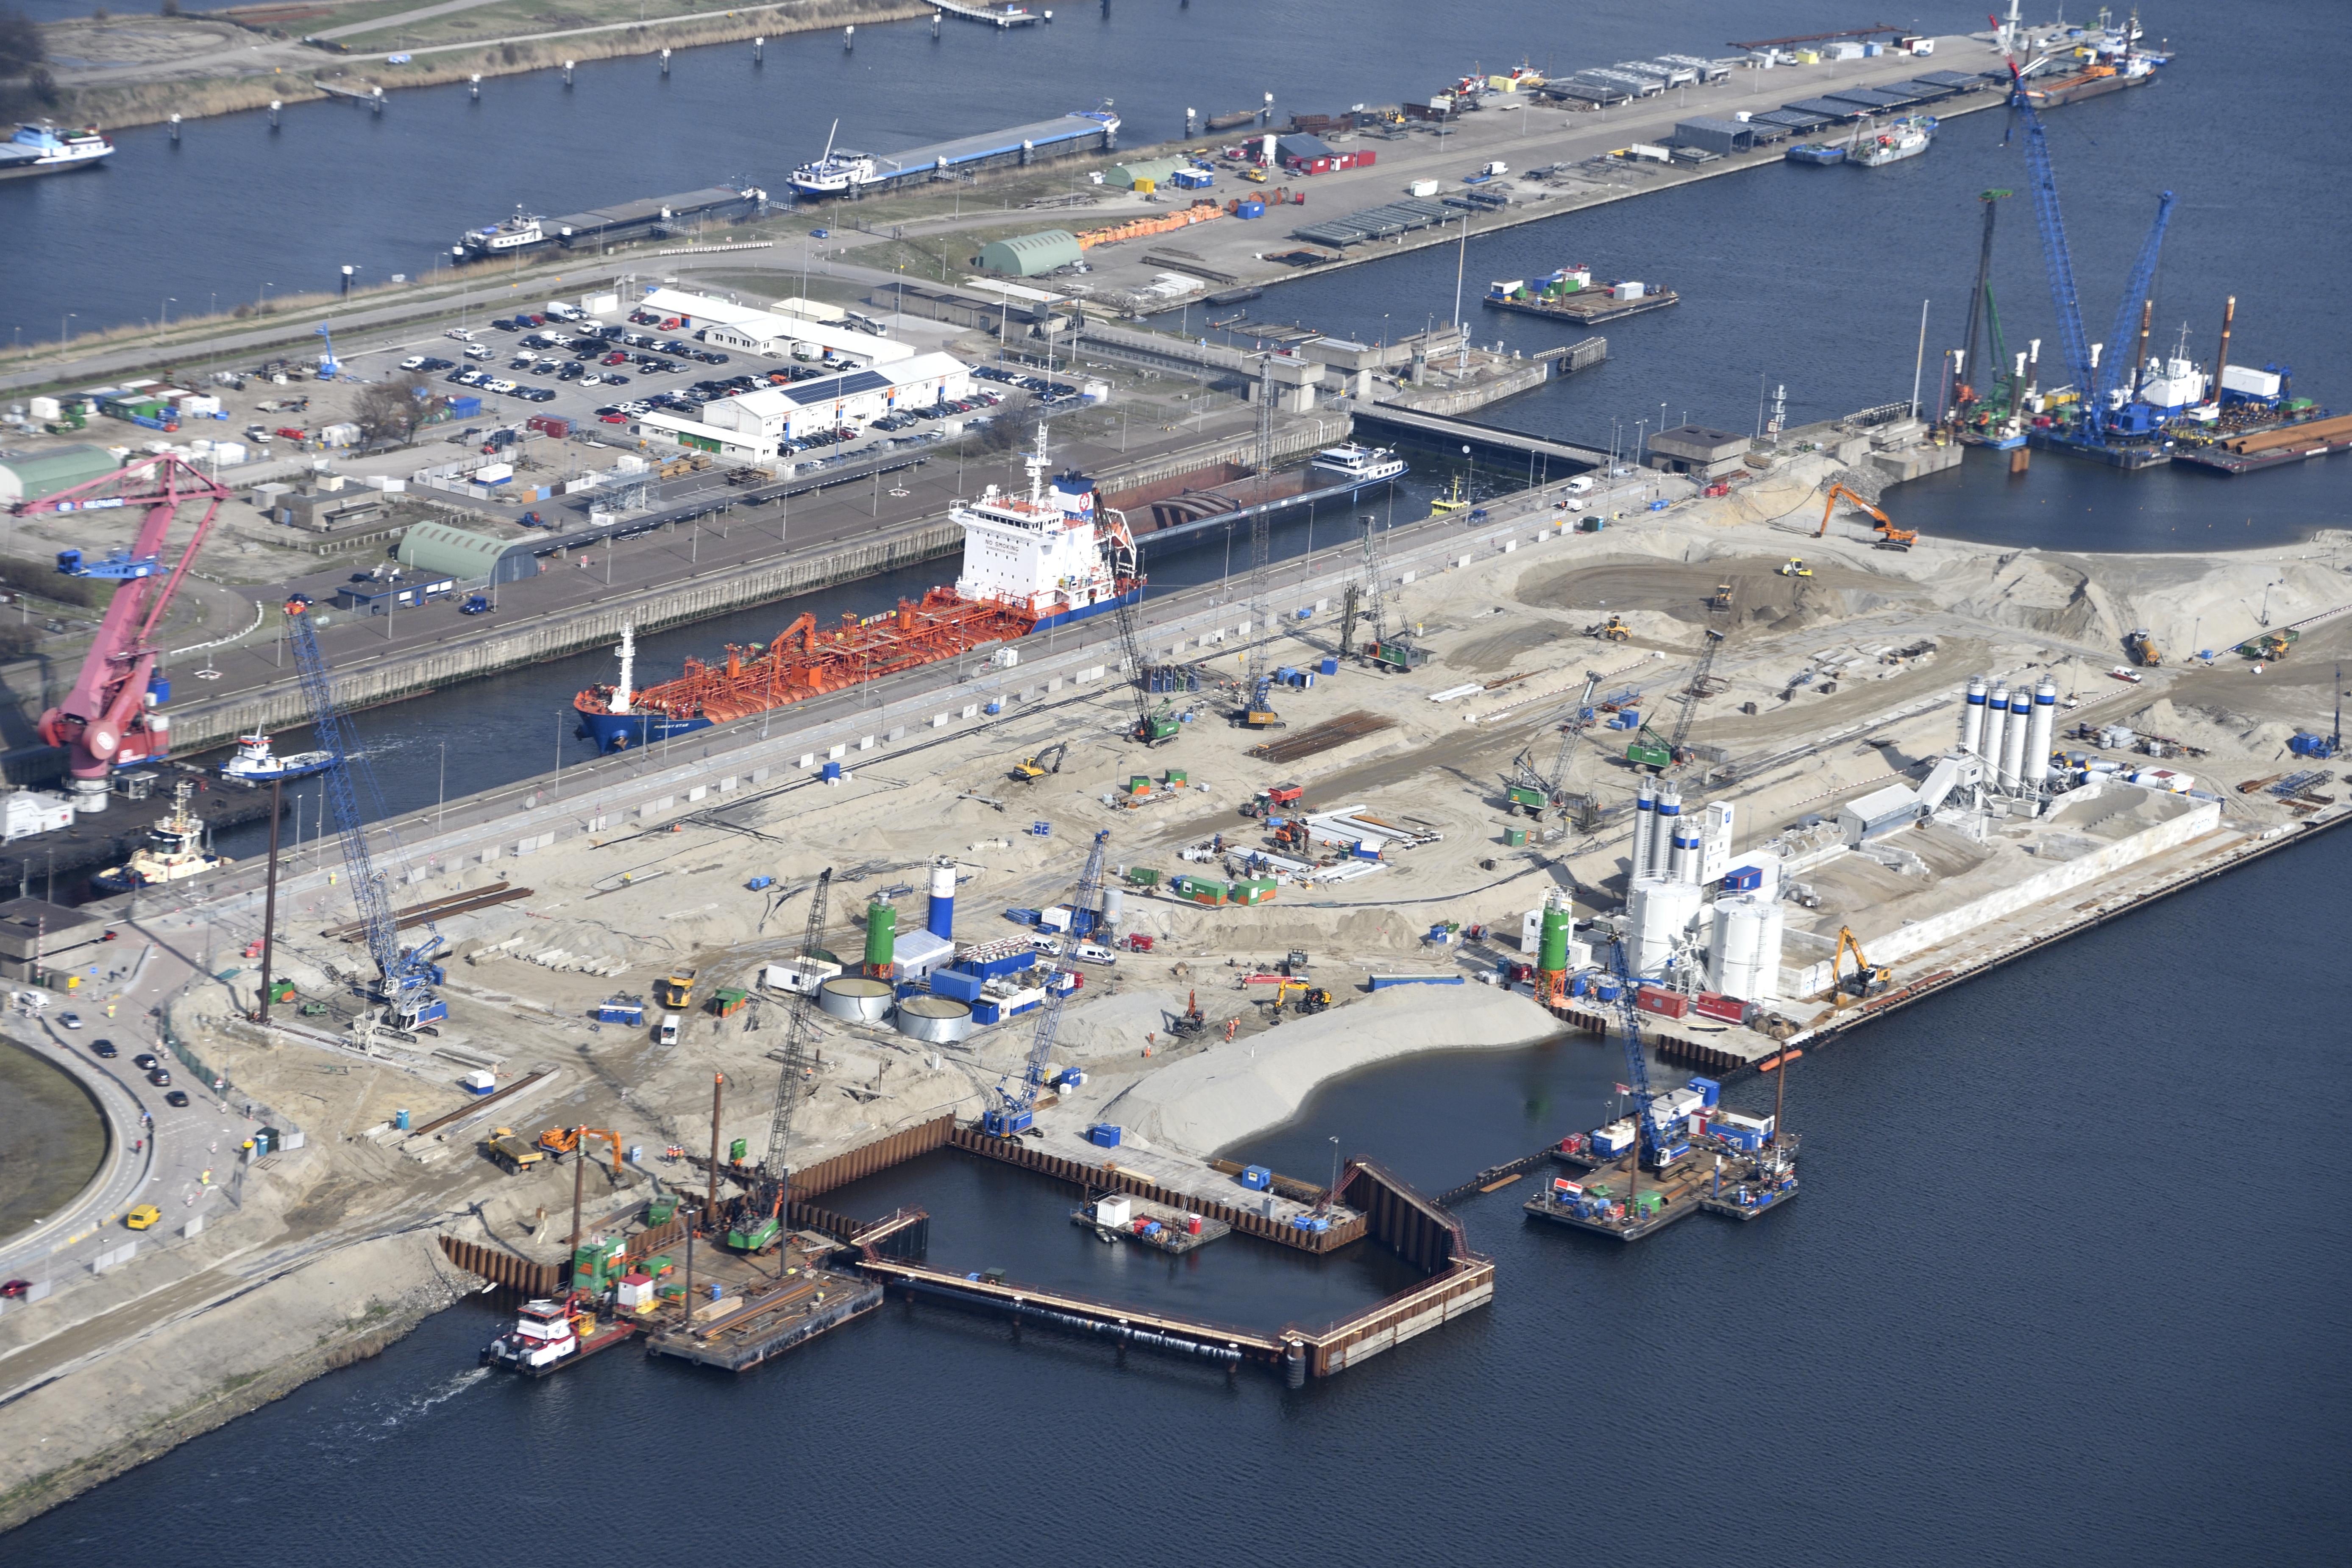 <p>290.000 m3 beton is er nodig om de nieuwe zeesluis te bouwen. OpenIJ koos voor betoncentrales op het sluiseiland (rechts op de foto). Vrachtwagens hoeven maar een korte afstand af te leggen van de centrales naar de bouwplaats. (Foto: Topview Fotografie)</p>